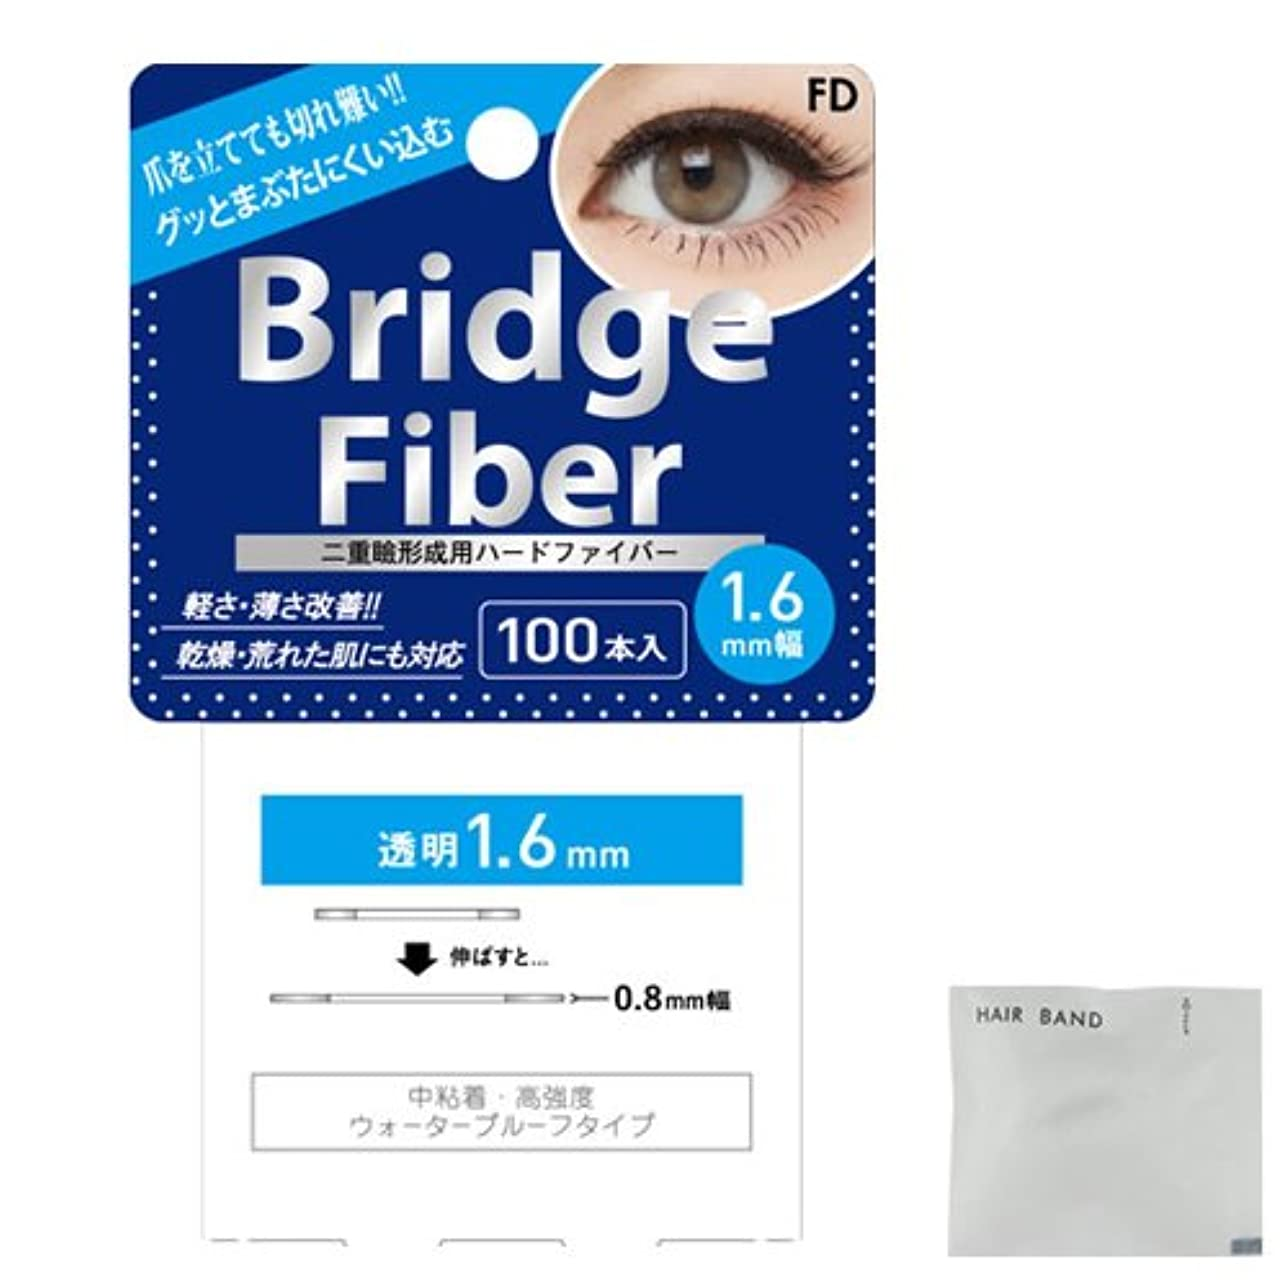 家禽コンプライアンス反響するFD ブリッジファイバーⅡ (Bridge Fiber) クリア1.6mm + ヘアゴム(カラーはおまかせ)セット